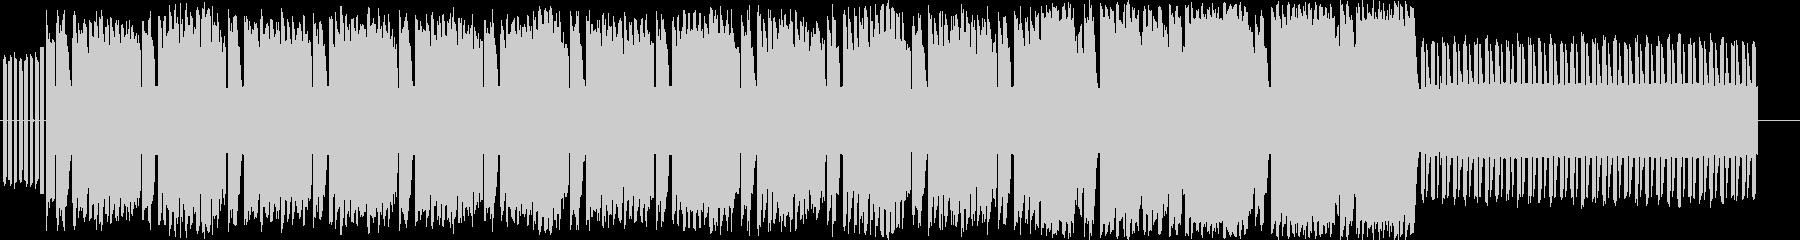 ファミコンレトロの単純なチップチューンの未再生の波形